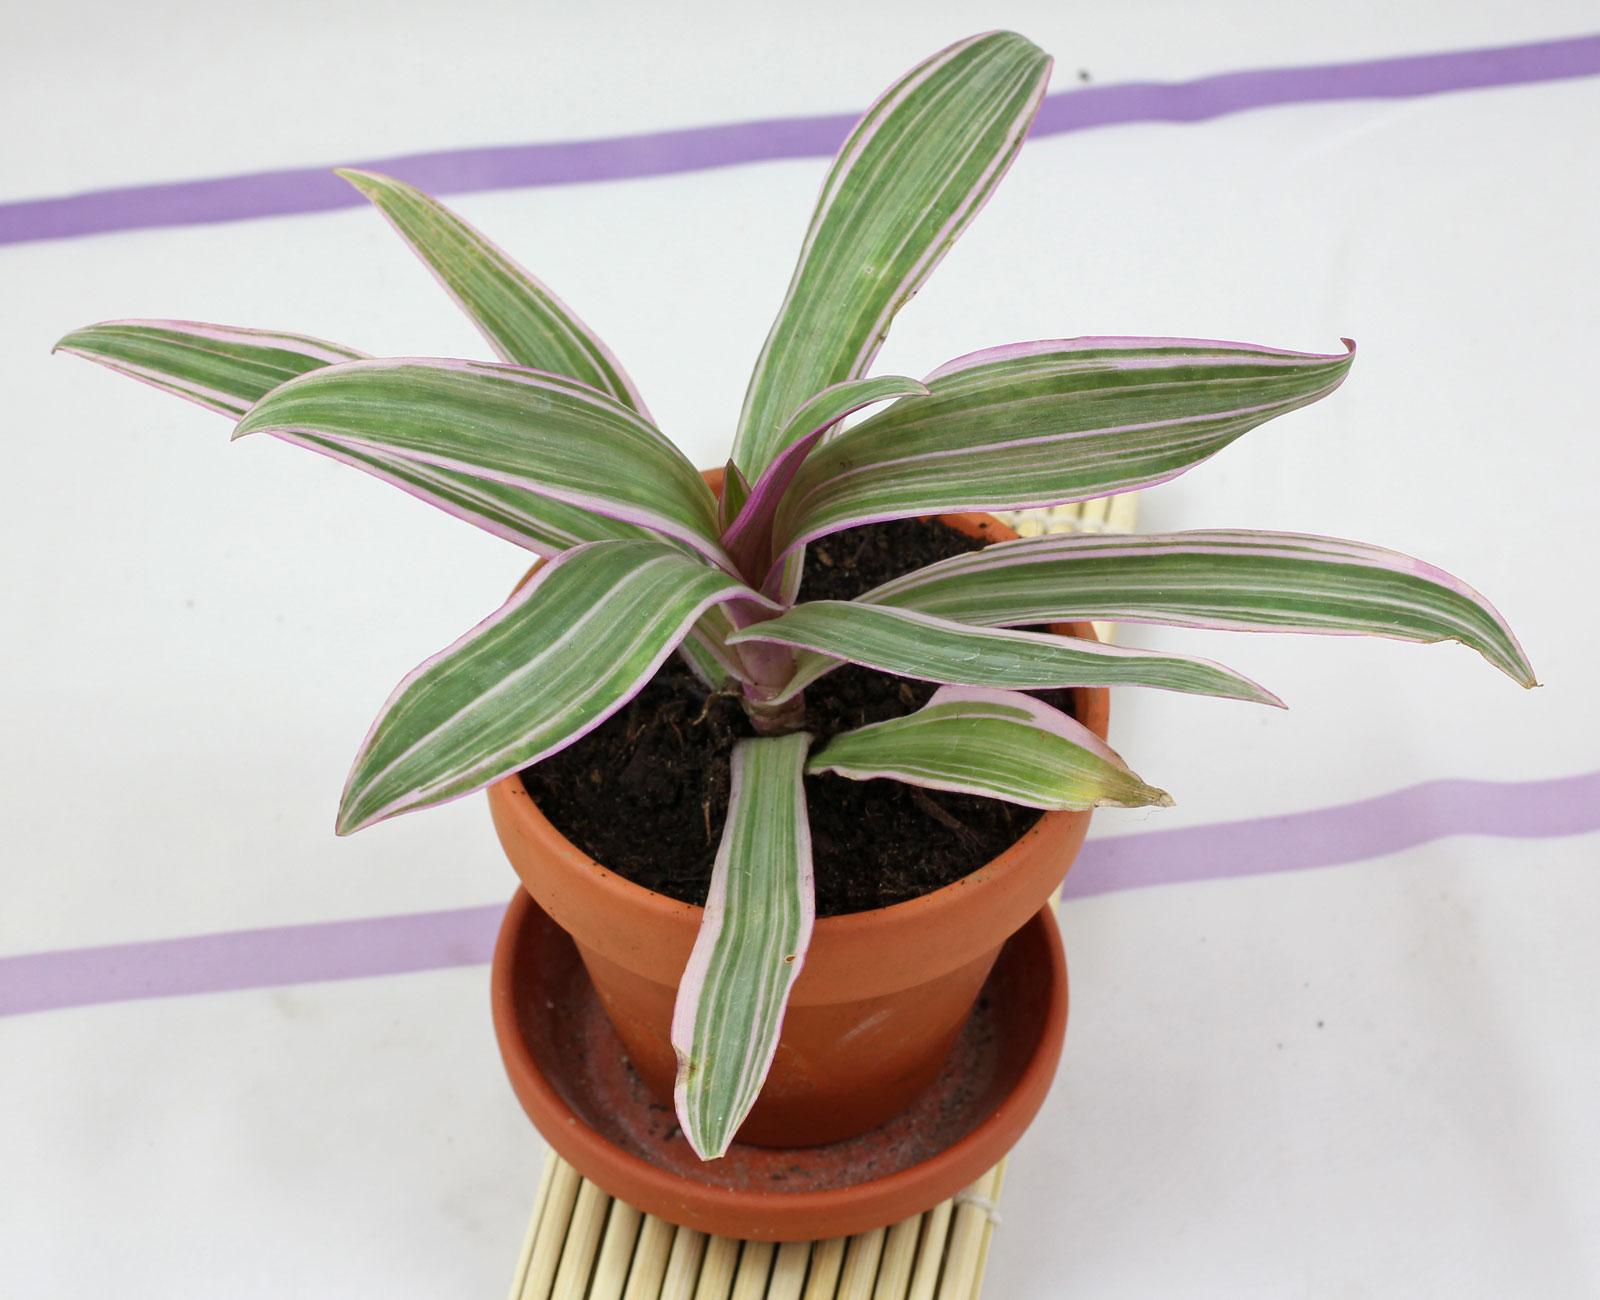 Tradescantia spathacea Tricolor